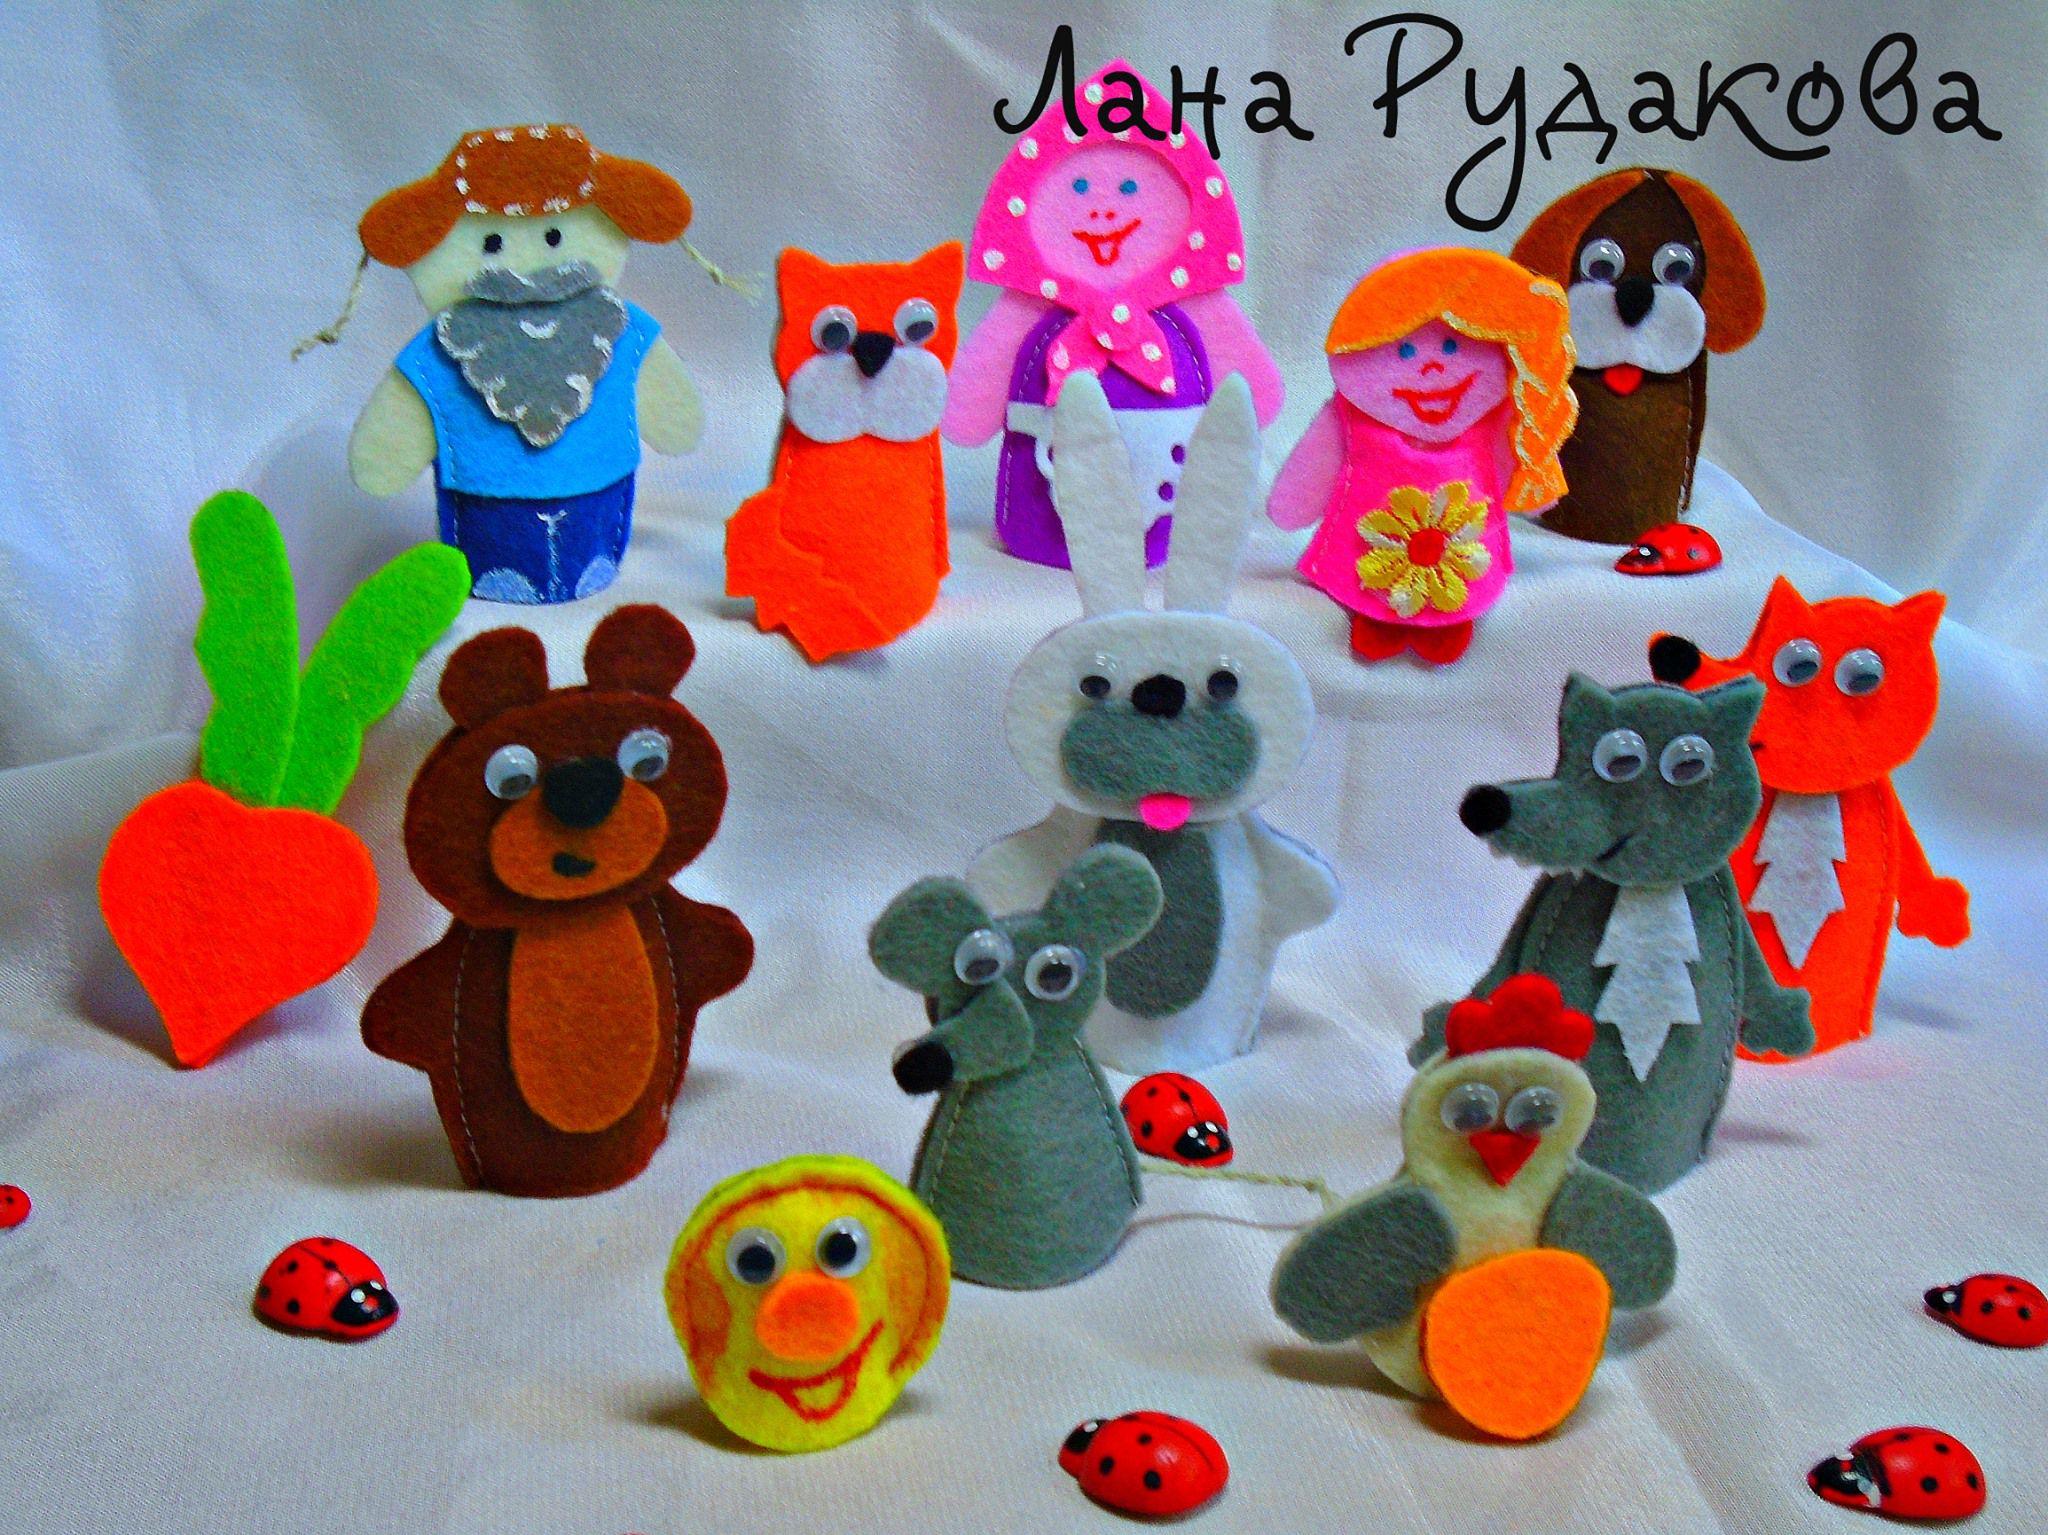 сказки куклы малышам оригинально театр логика мышление развивашки играть детям обучение игры игра подарок книга